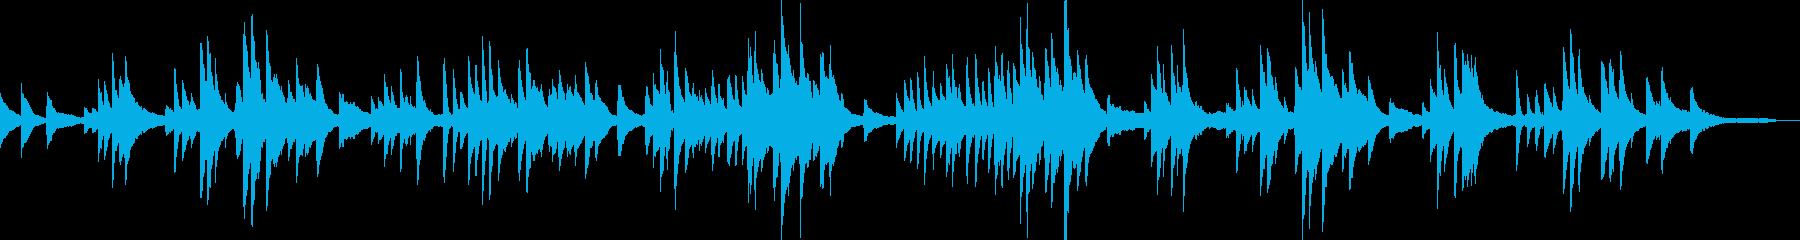 クラシックピアノ トロイメライシューマンの再生済みの波形